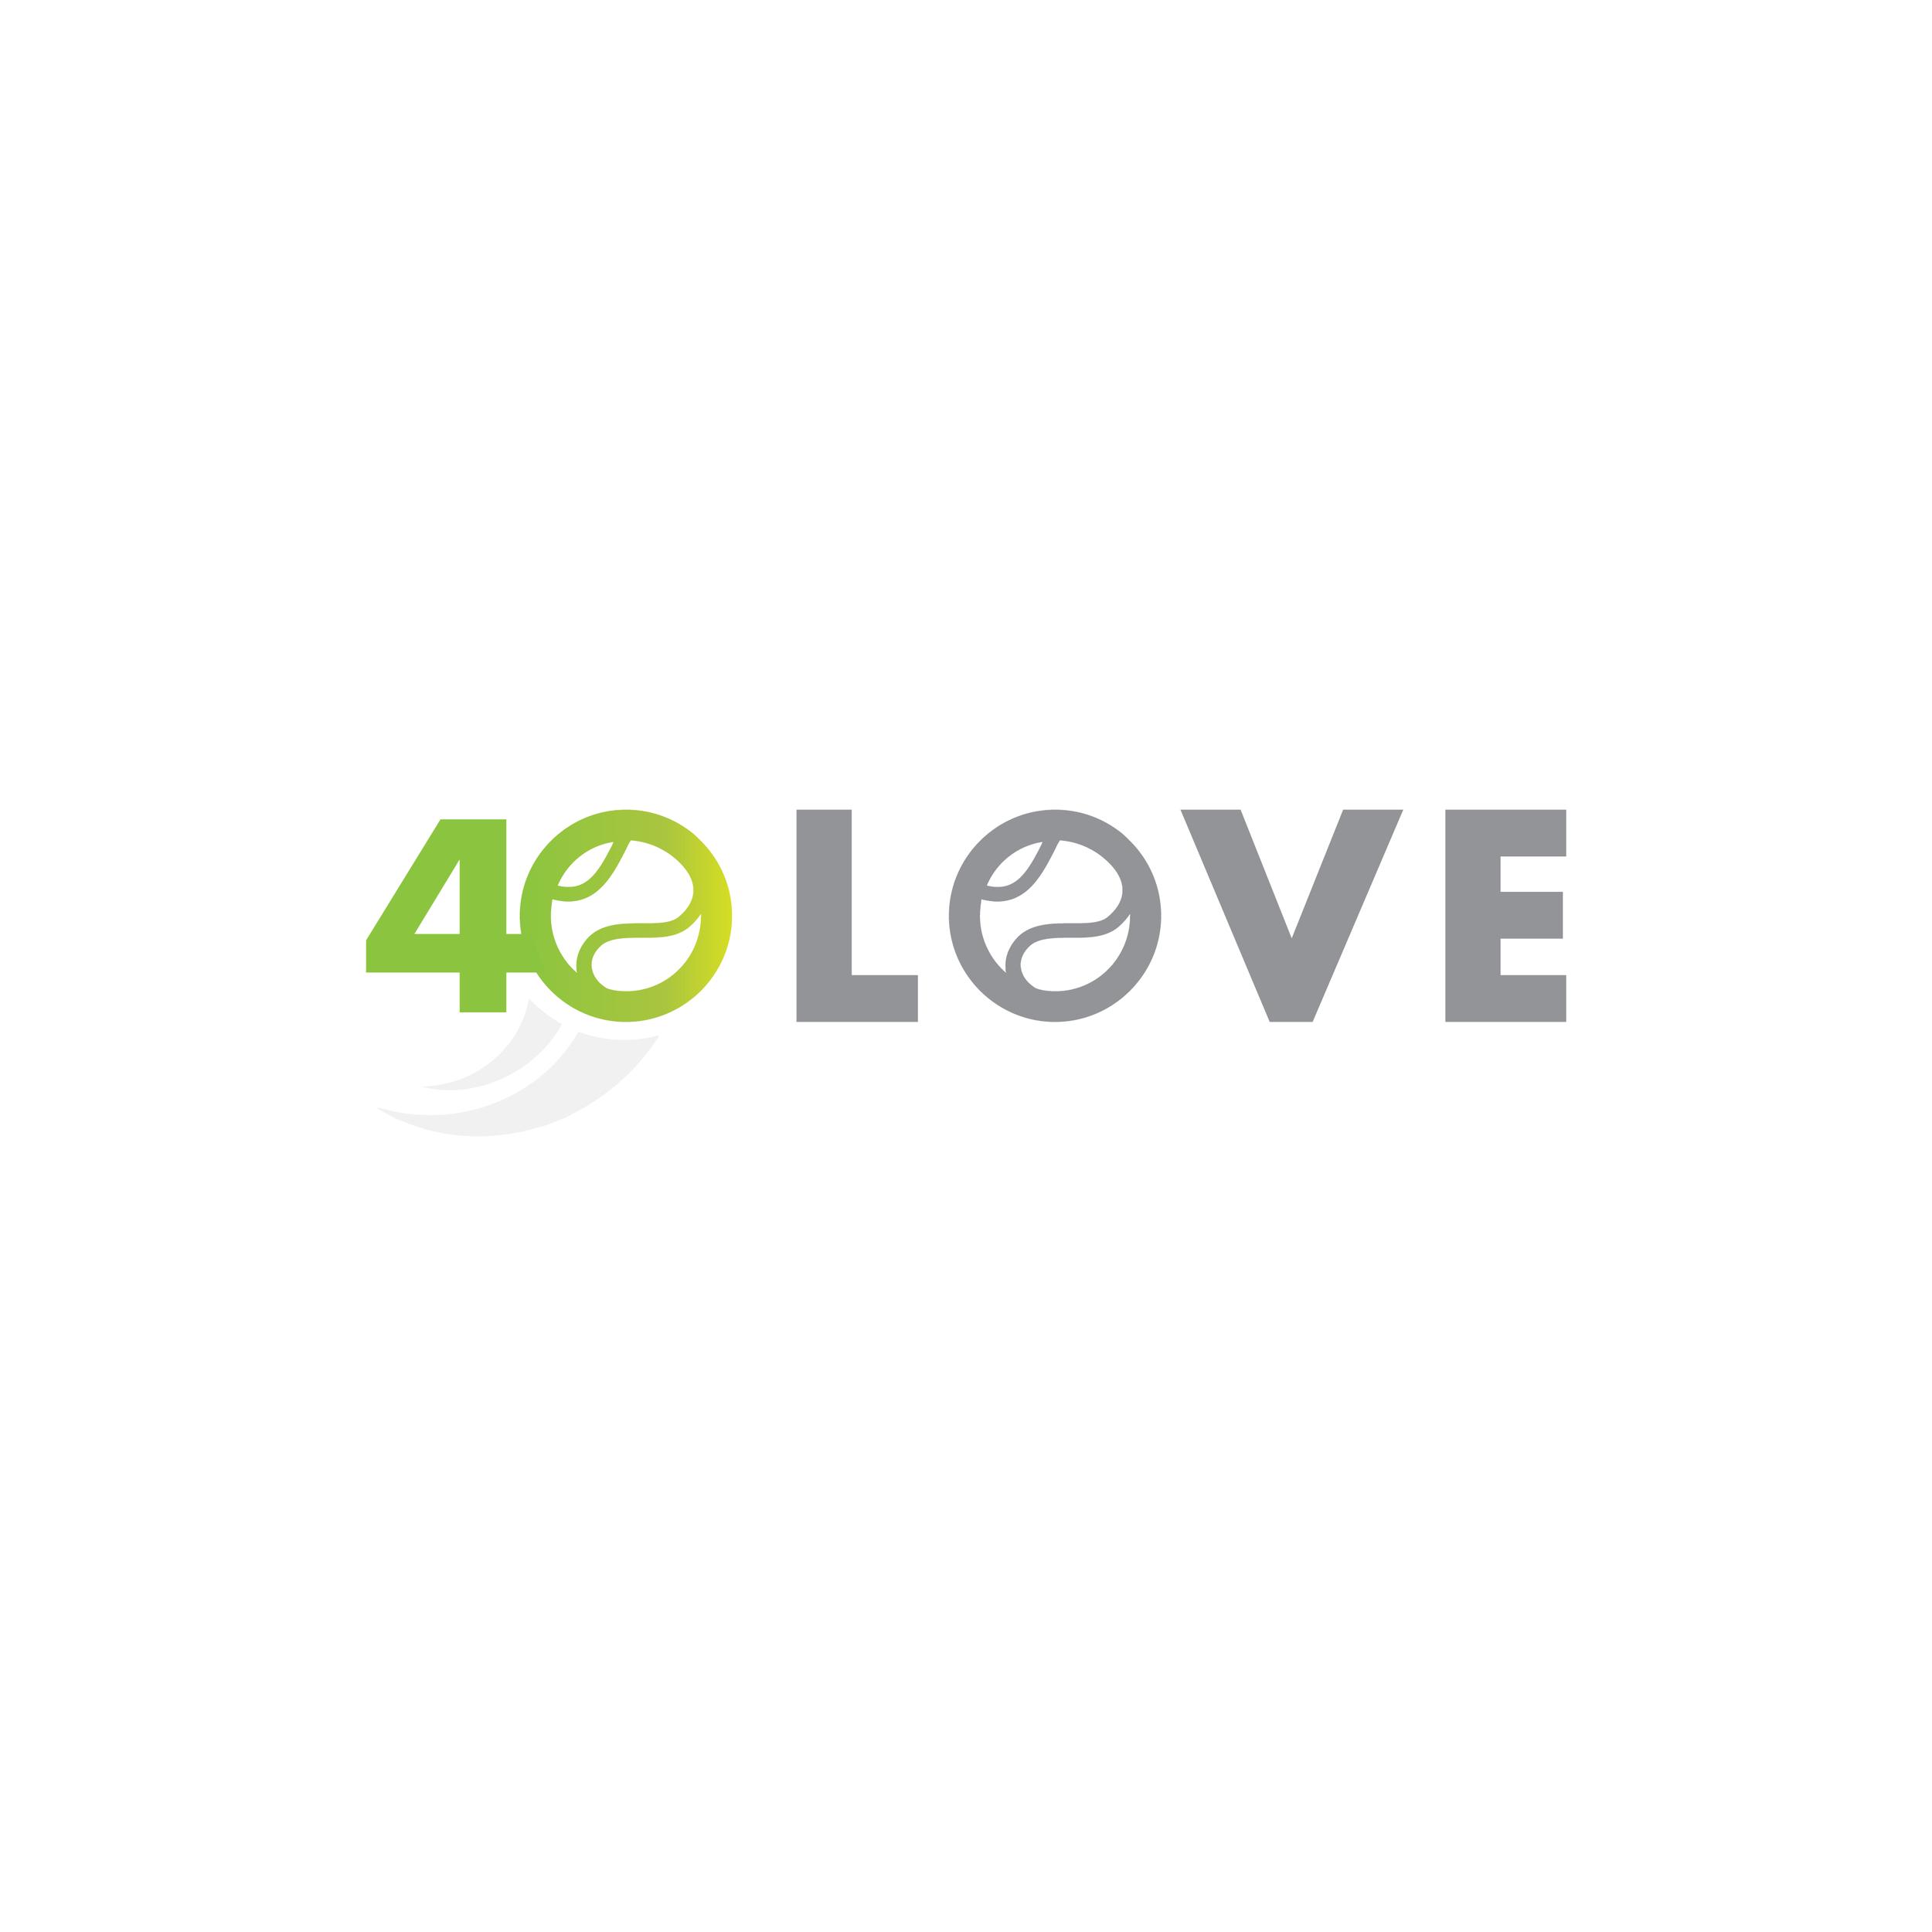 40 Love Logo Design-02.png